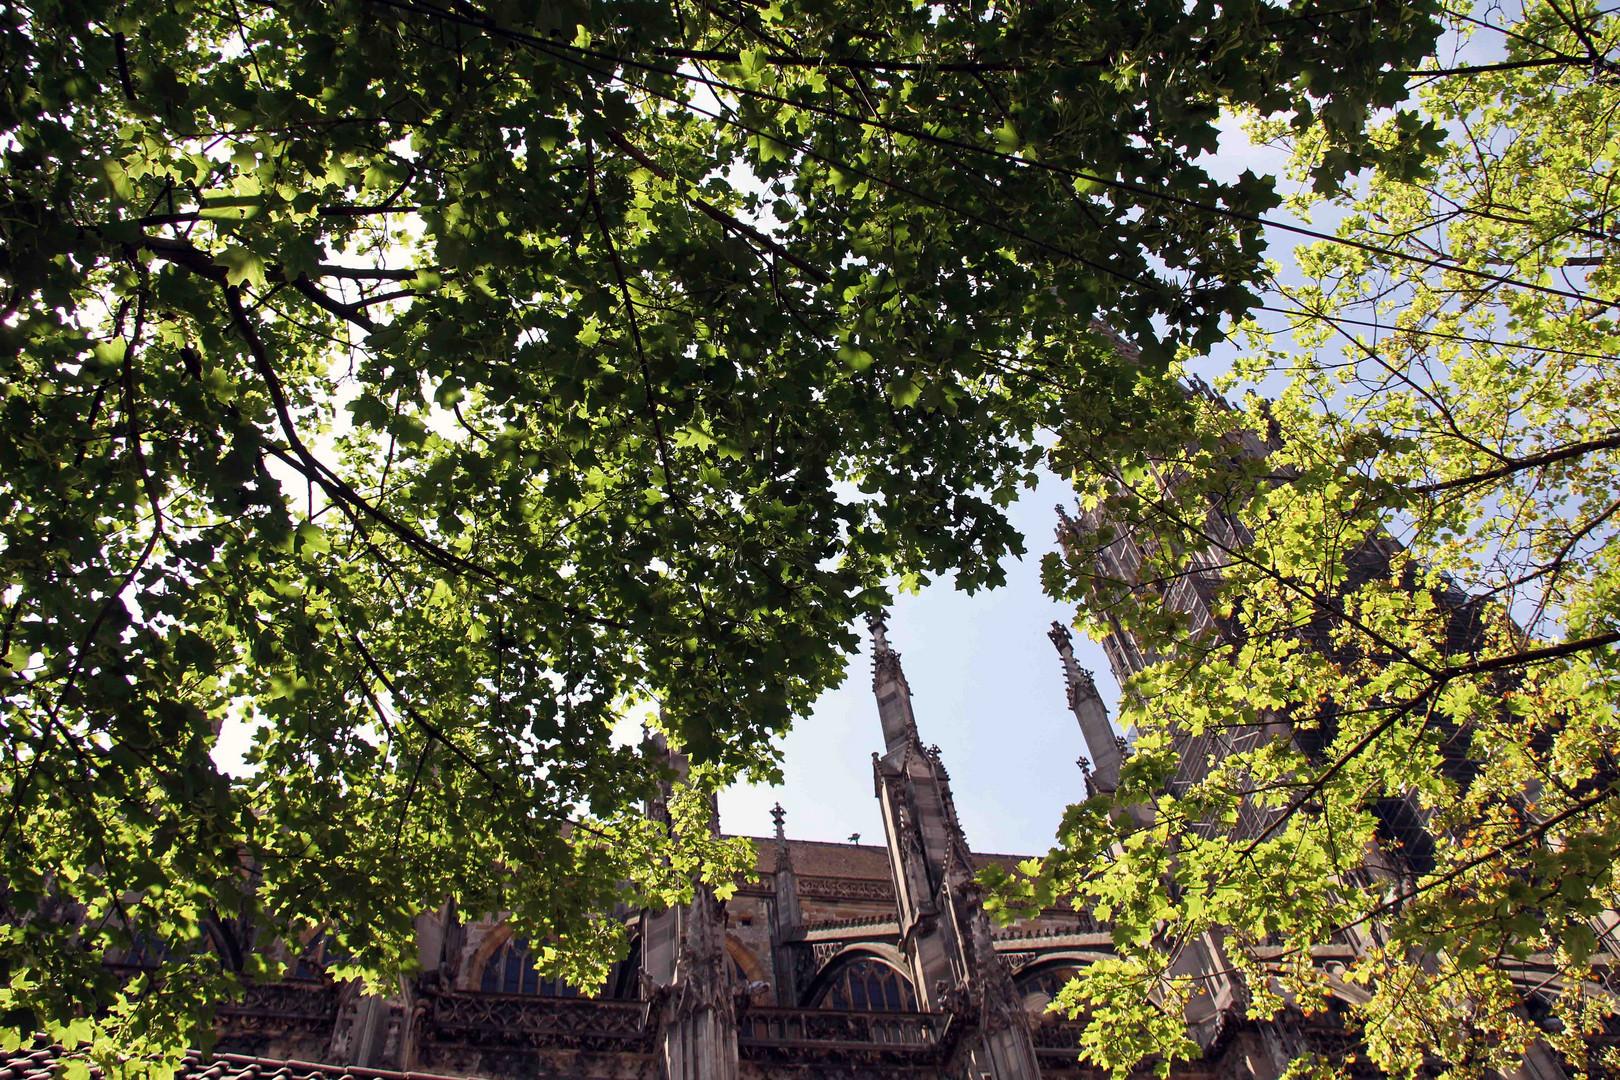 Blick durch die Bäume zum Ulmer Münster